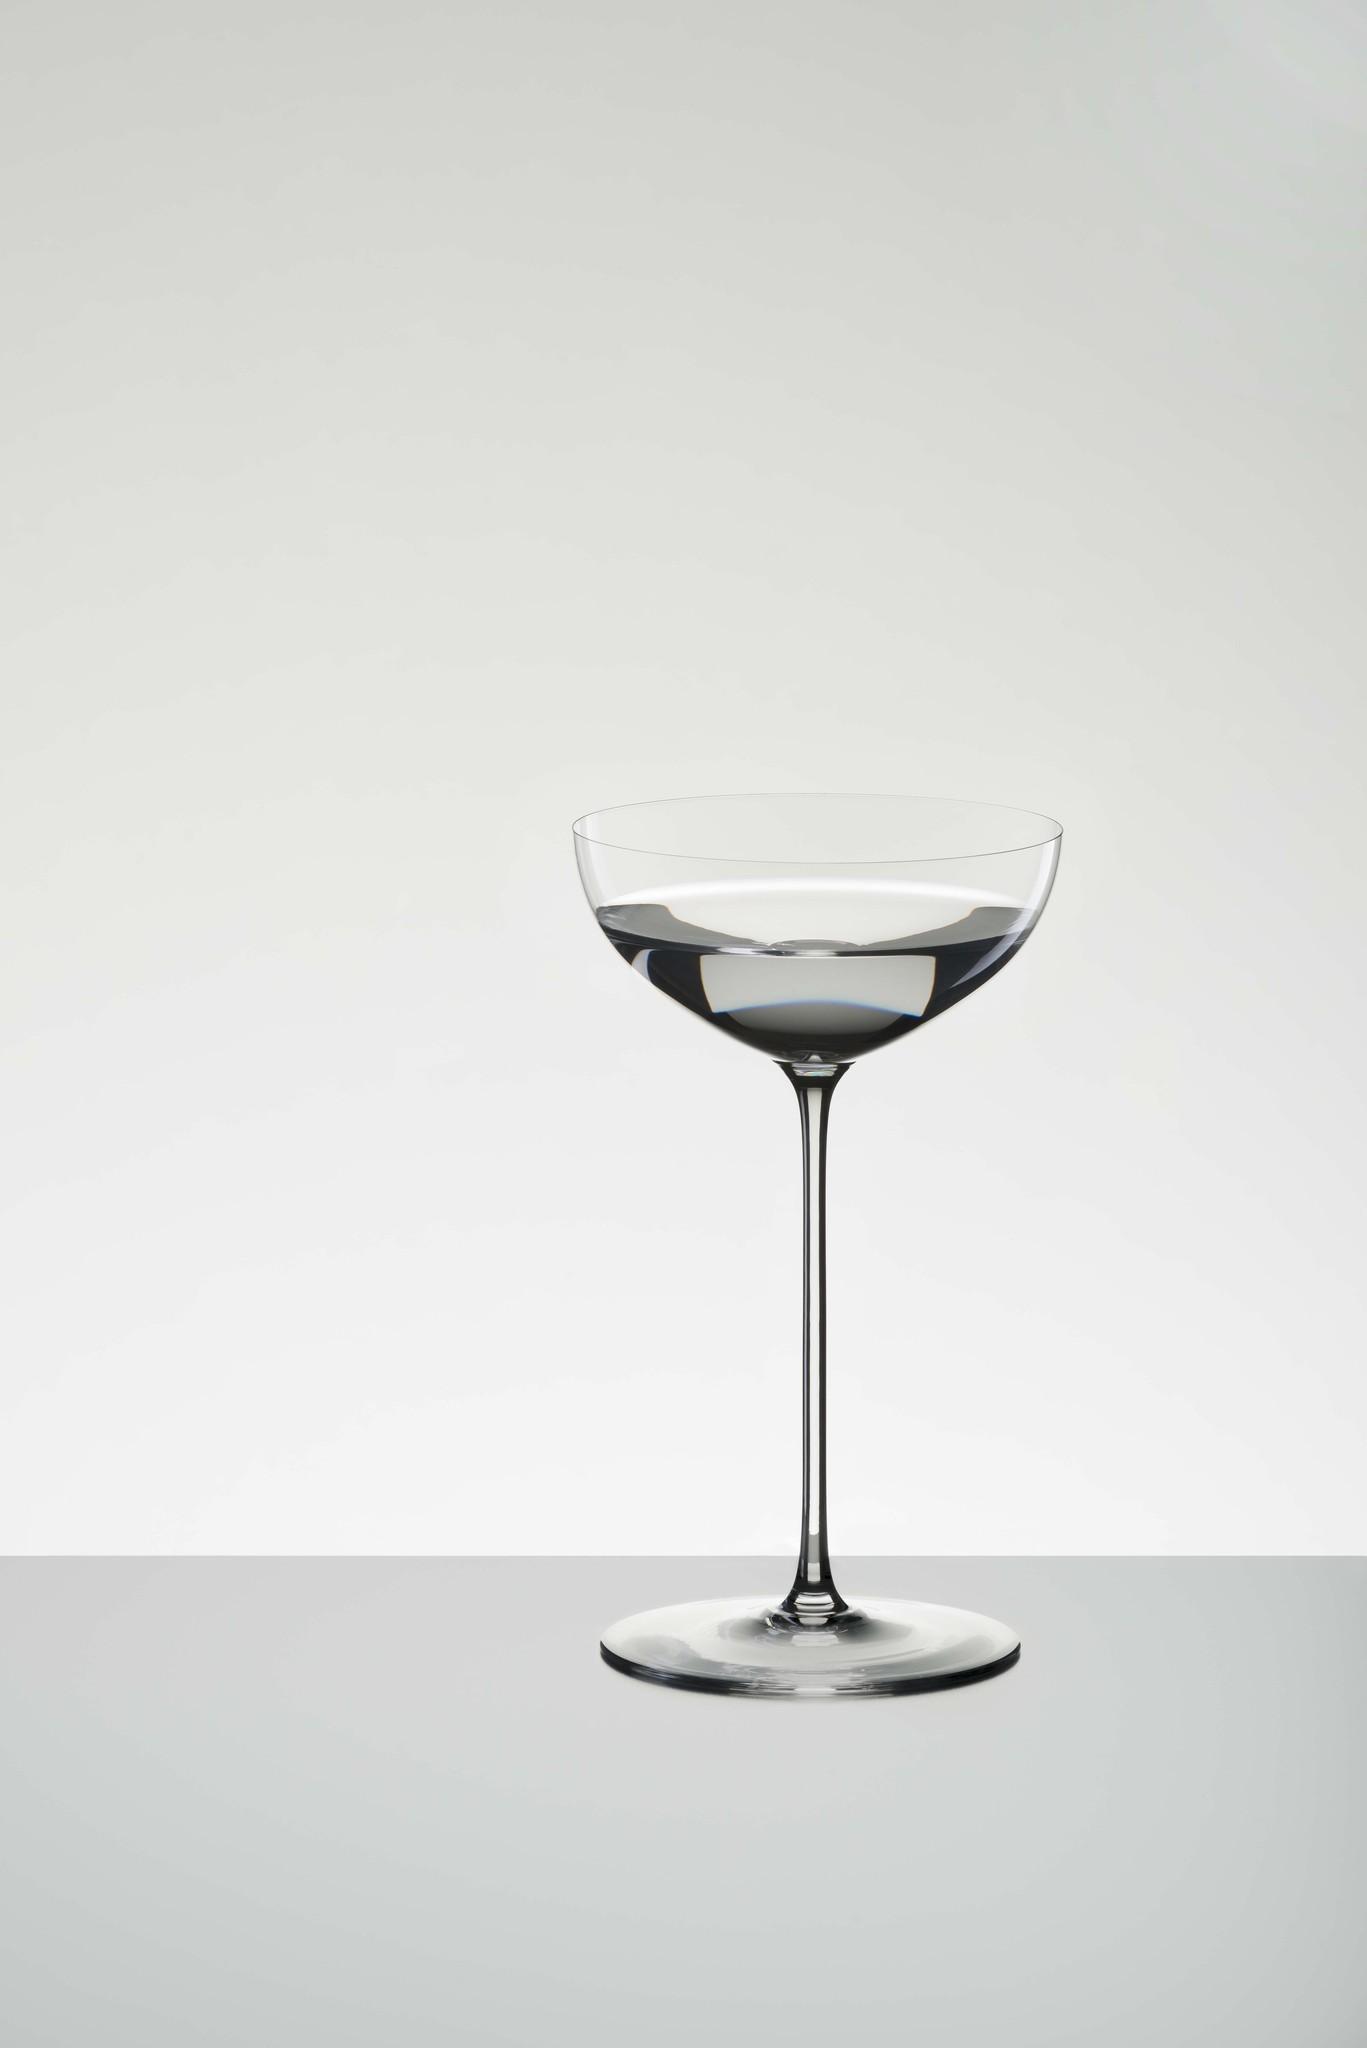 Бокалы Бокал для коктейлей 240мл Riedel Superleggero Coupe/Moscato/Martini bokal-dlya-martini-240ml-riedel-superleggero-martini-avstriya.jpg